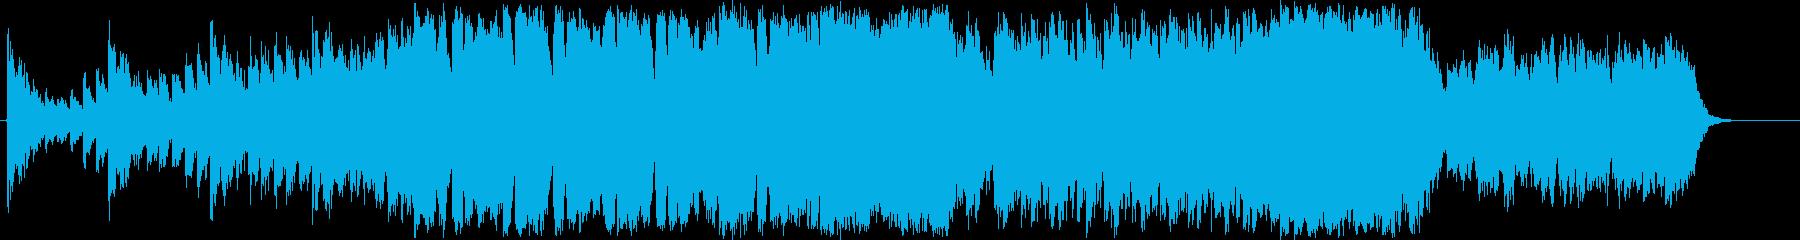 火山の脅威をテーマにした音楽の再生済みの波形